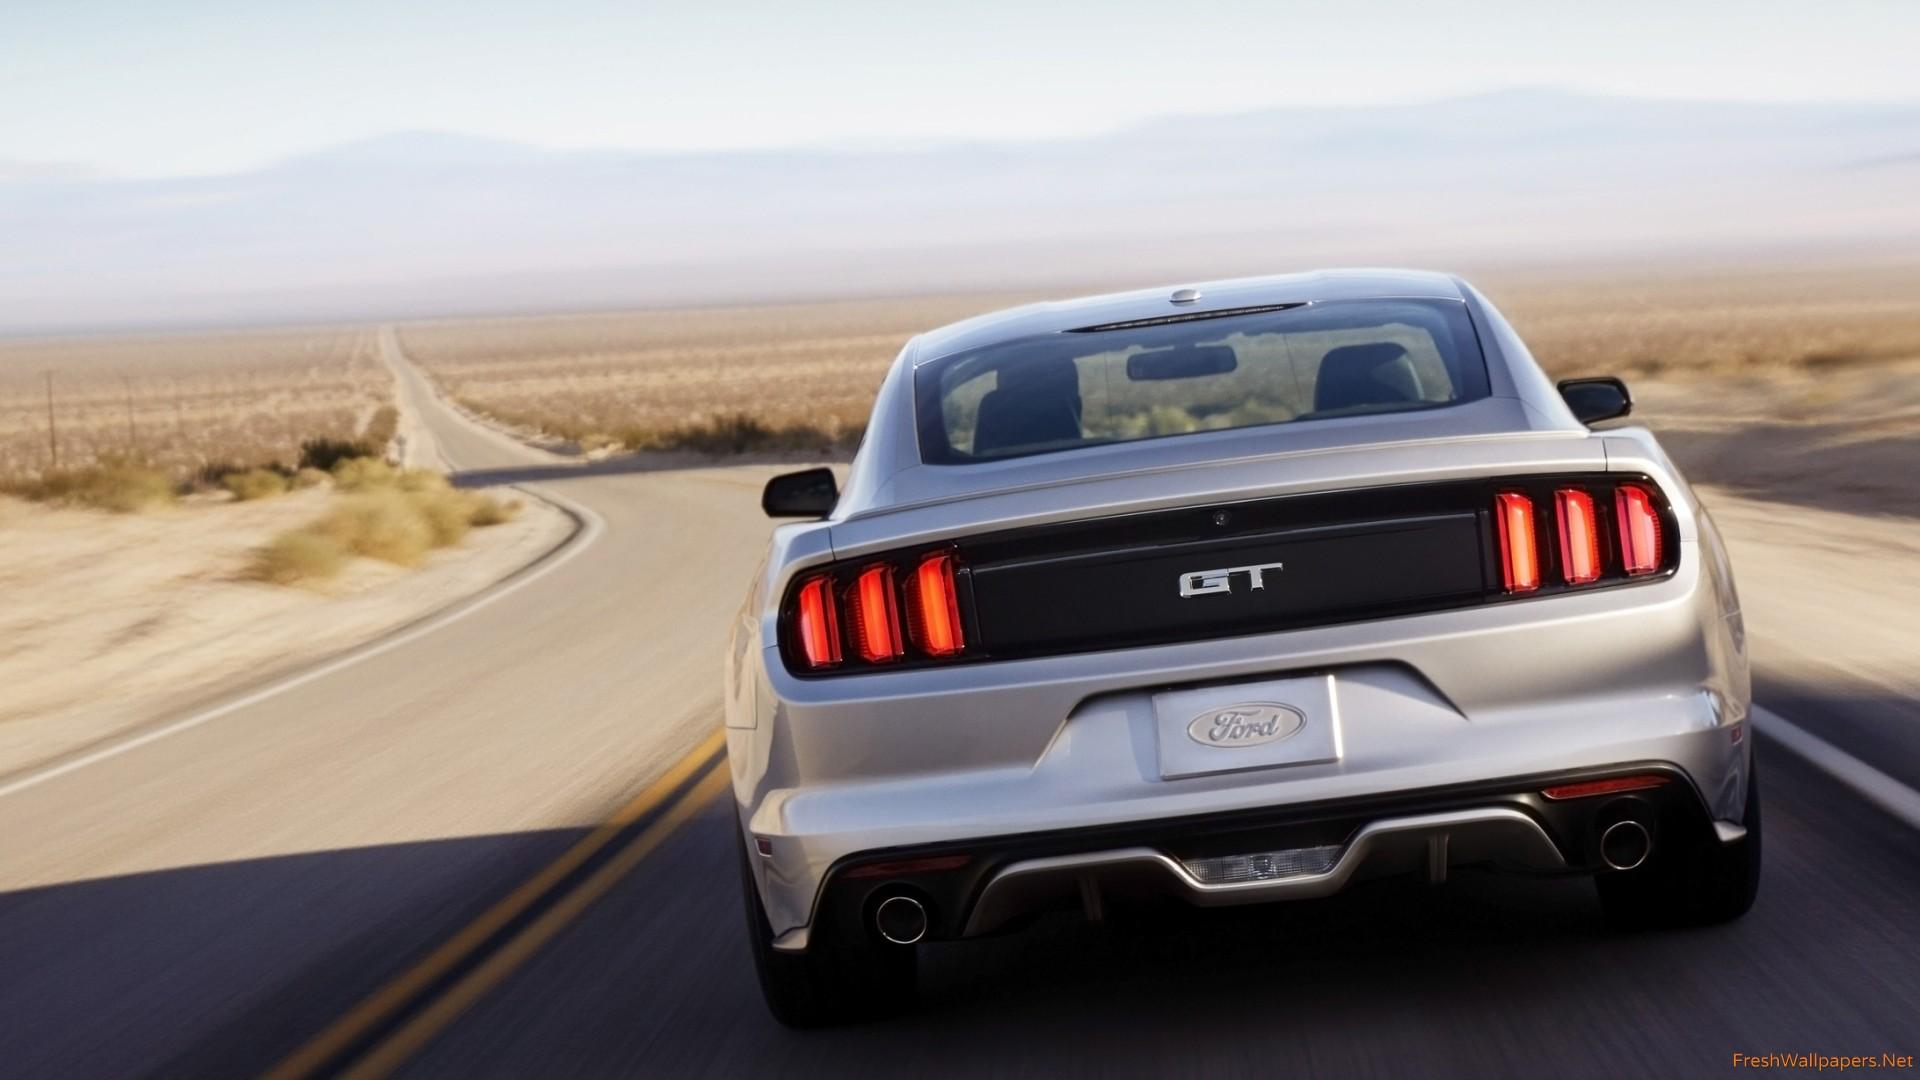 Download 2015 Mustang Gt Wallpaper Gallery 1920x1080